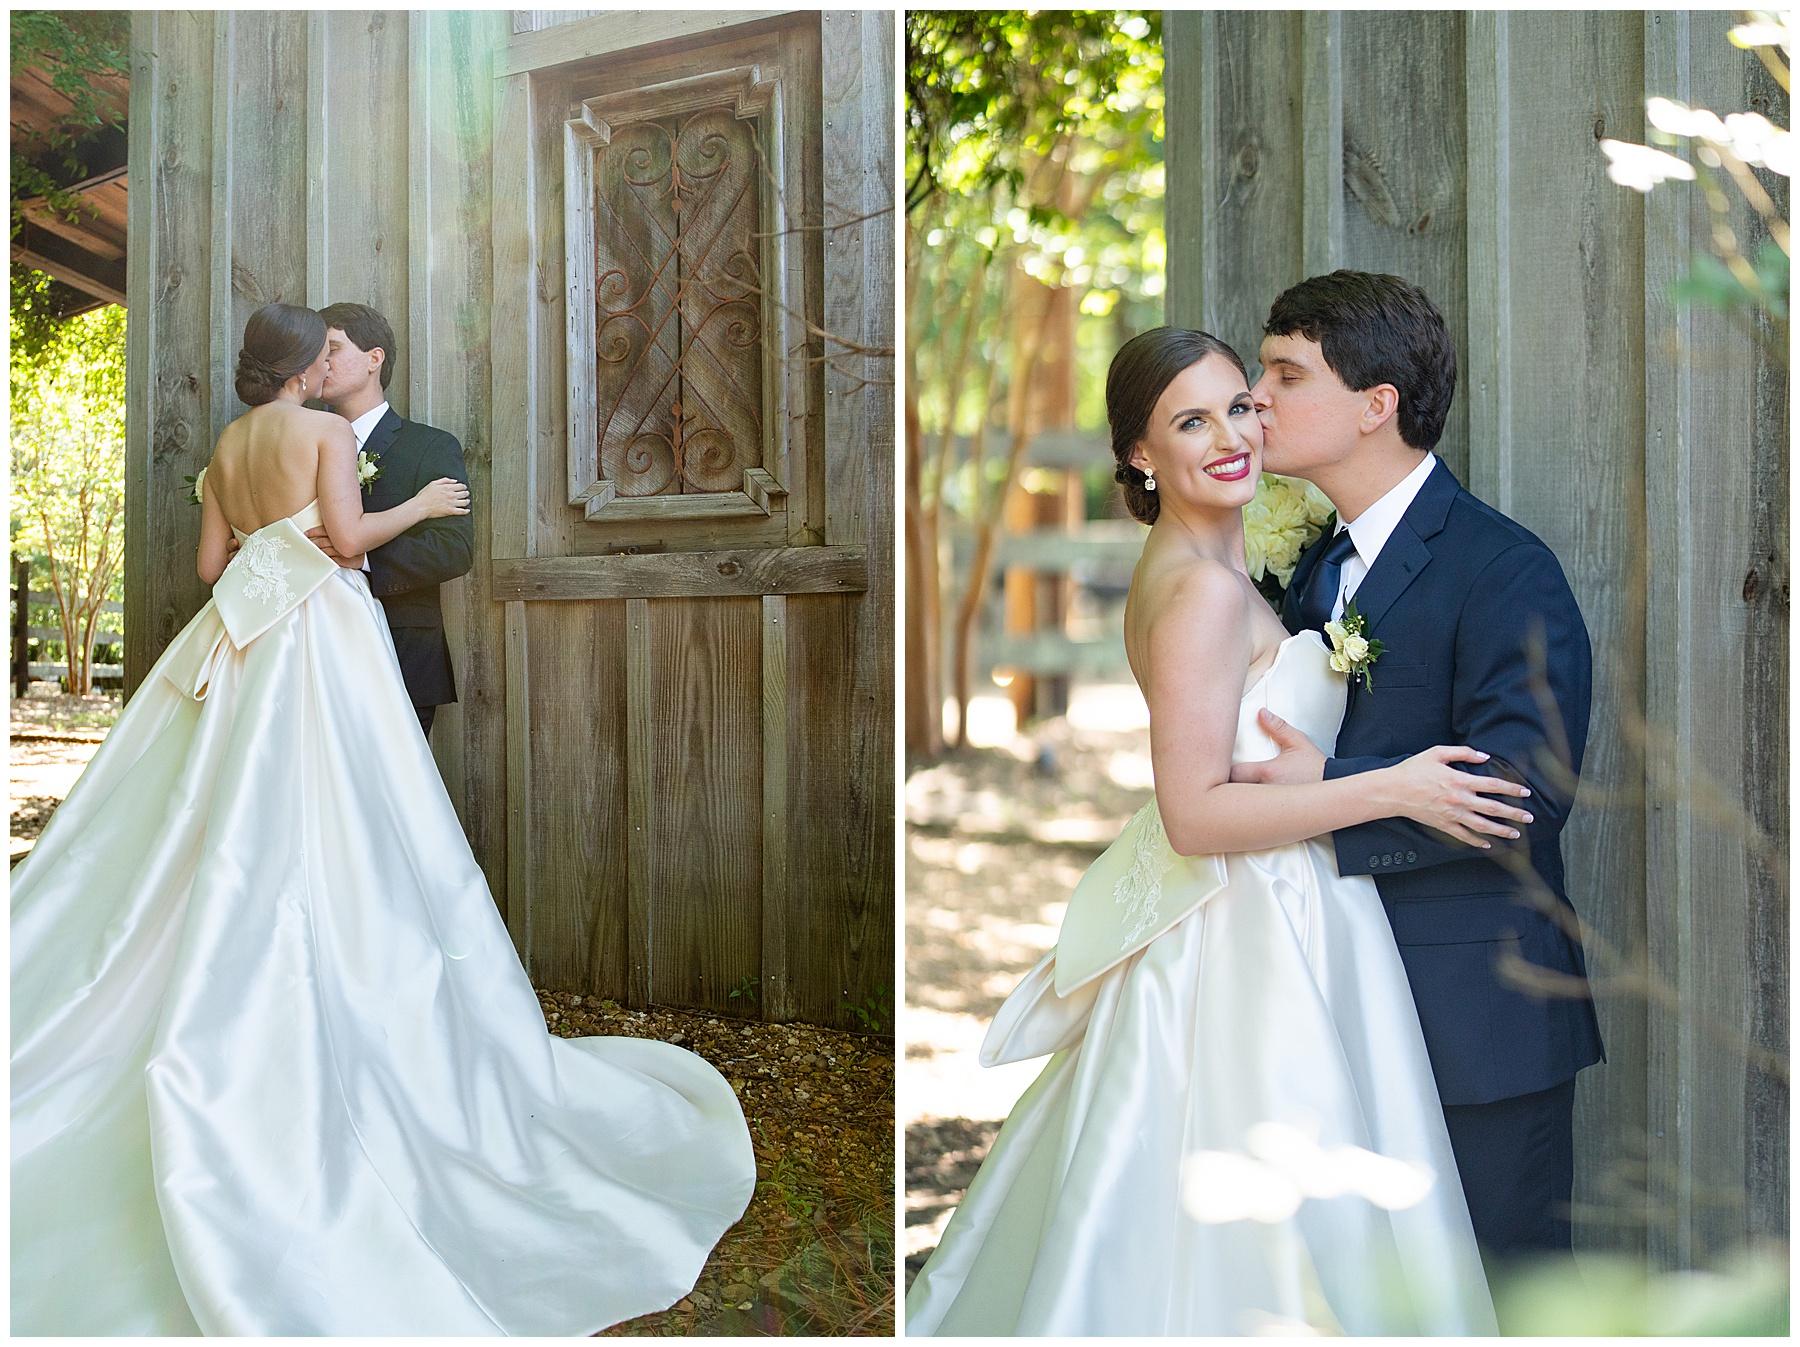 j&d farms wedding white satin dress